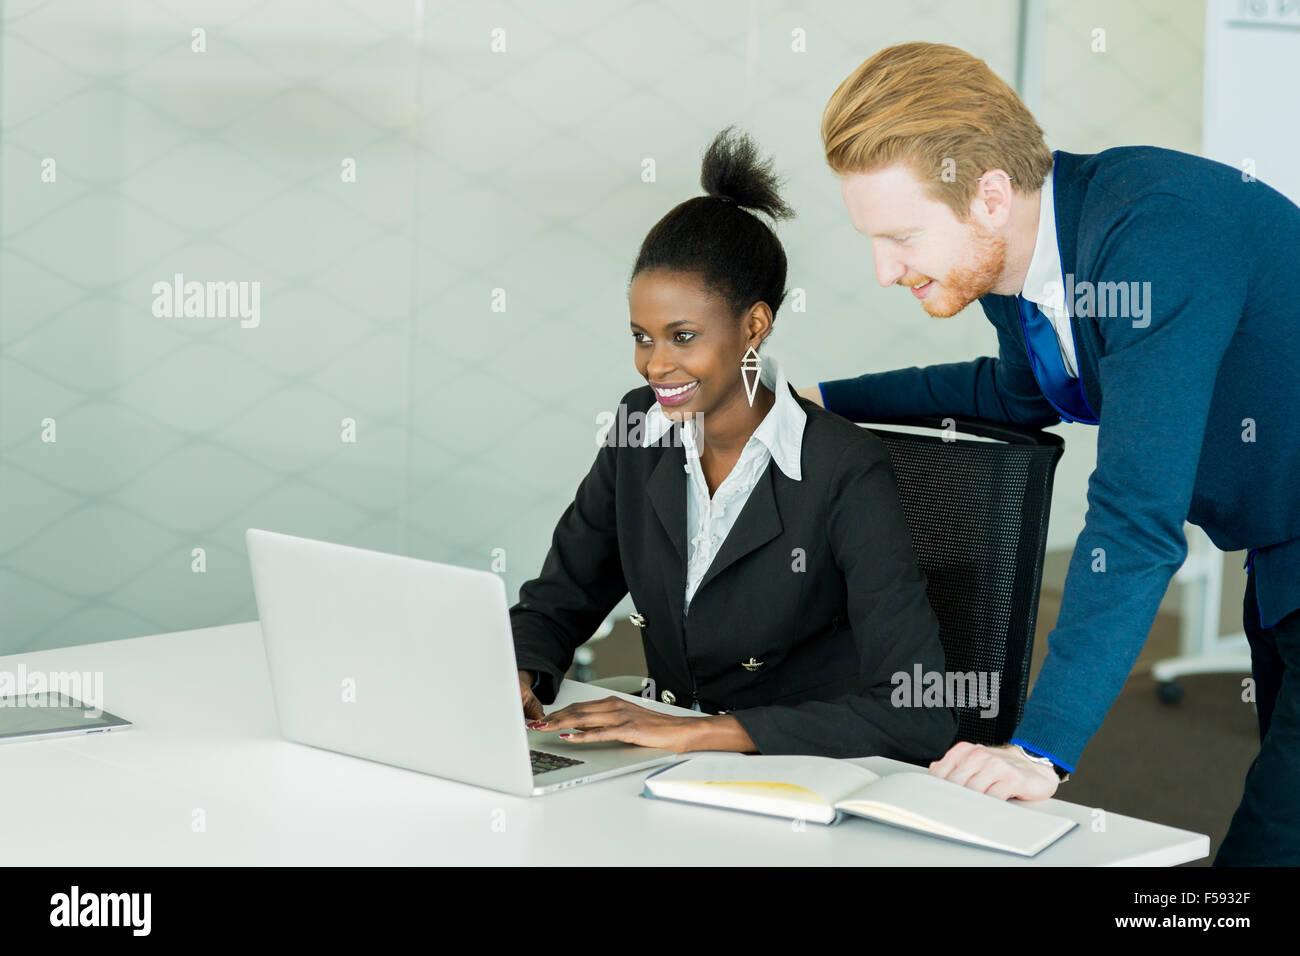 Gente de negocios discutiendo planes de futuro e intercambiar ideas en un mostrador blanco en una oficina. Foto de stock